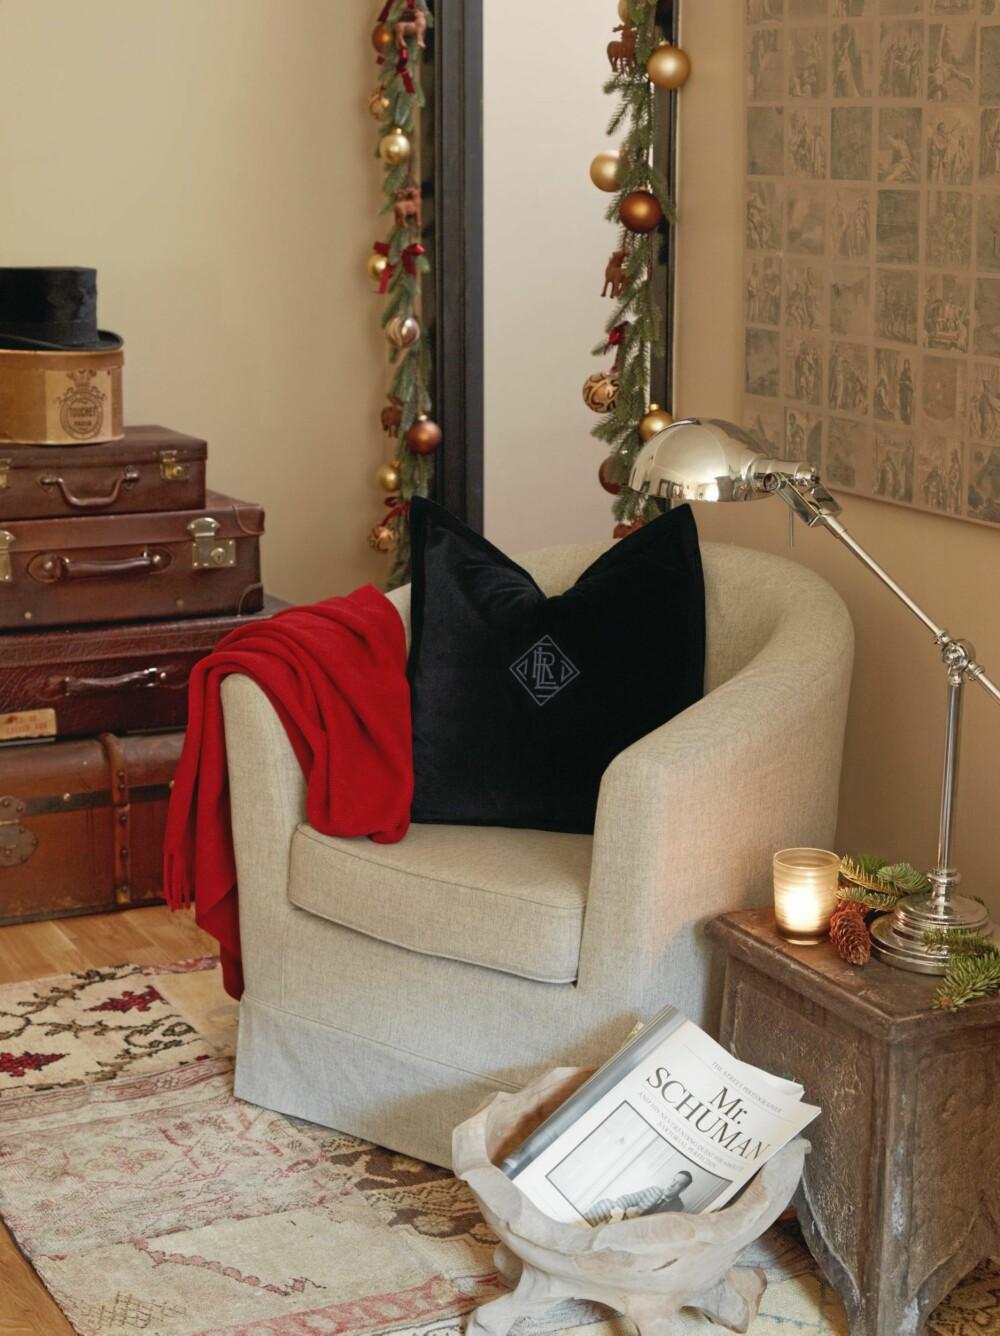 FIIN BLANDING: Kunstig granbar henger rundt dørkarmen, pyntet med julekuler og røde sløyfer. Gamle kofferter er plassert oppå hverandre på gulvet ved siden av den lille lesekroken.